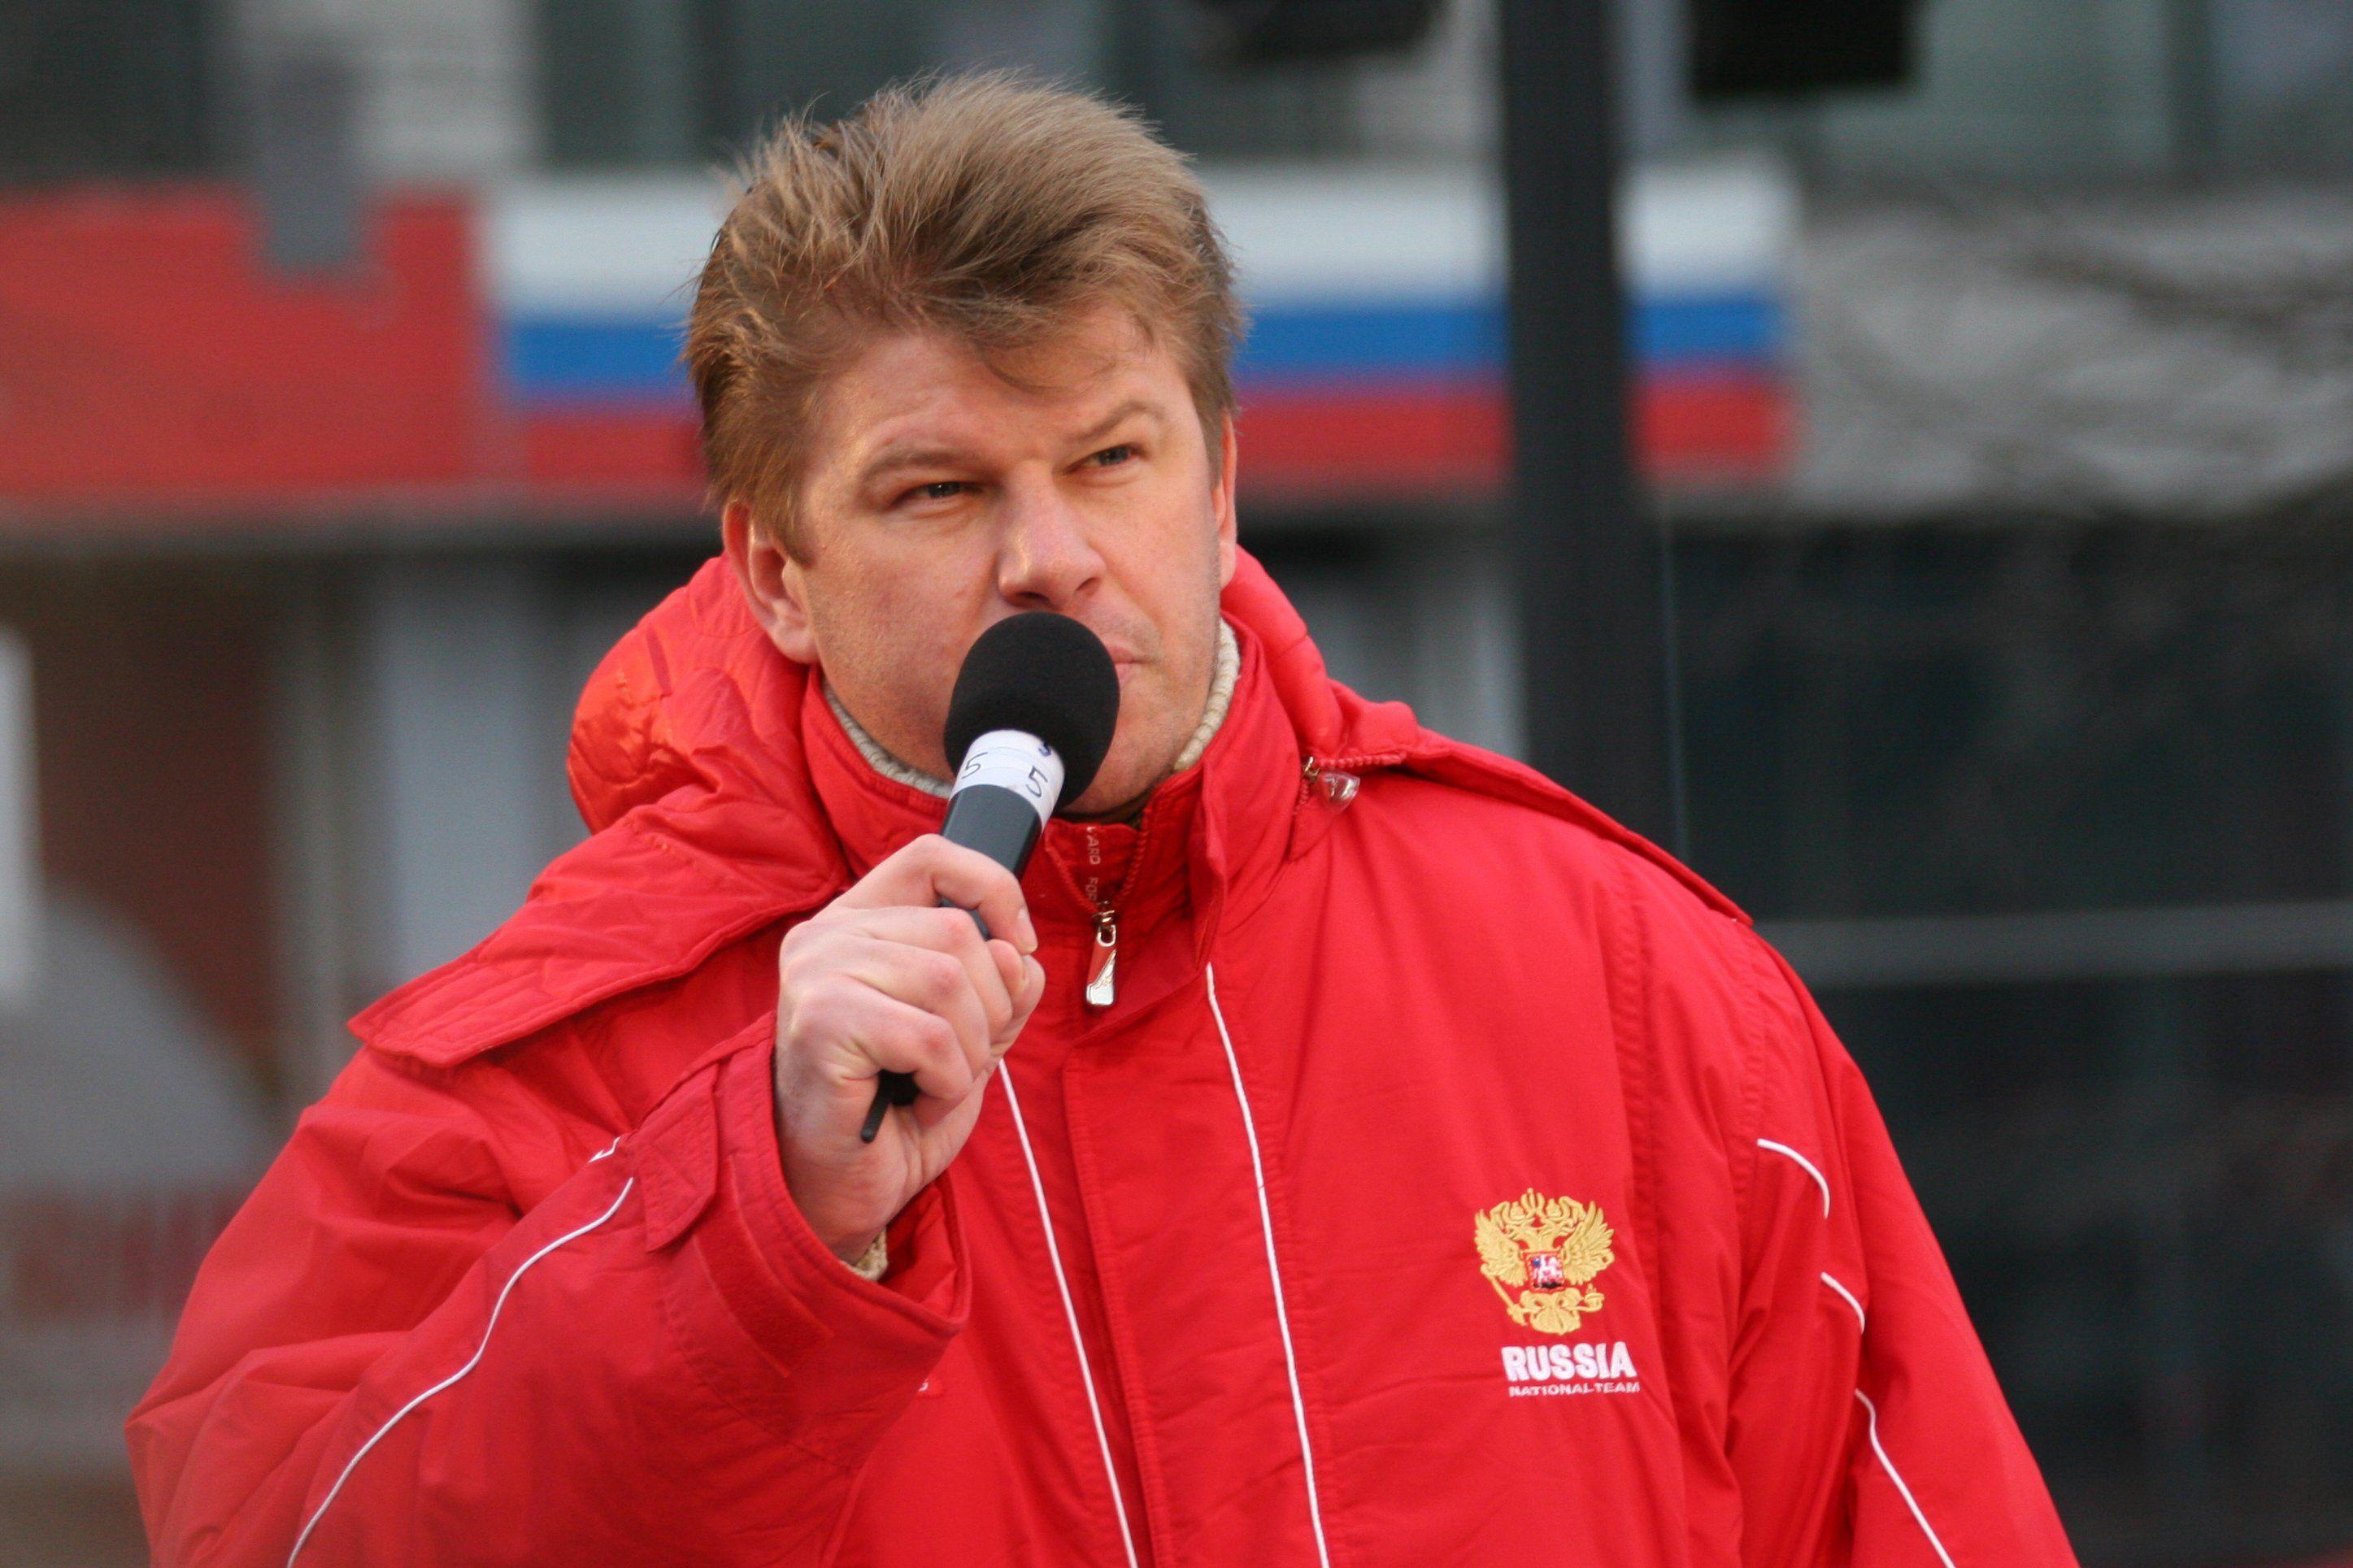 'Пусть проигравший плачет'. Губерниев ответил западным СМИ, 'бросившим тень' на российских лыжников